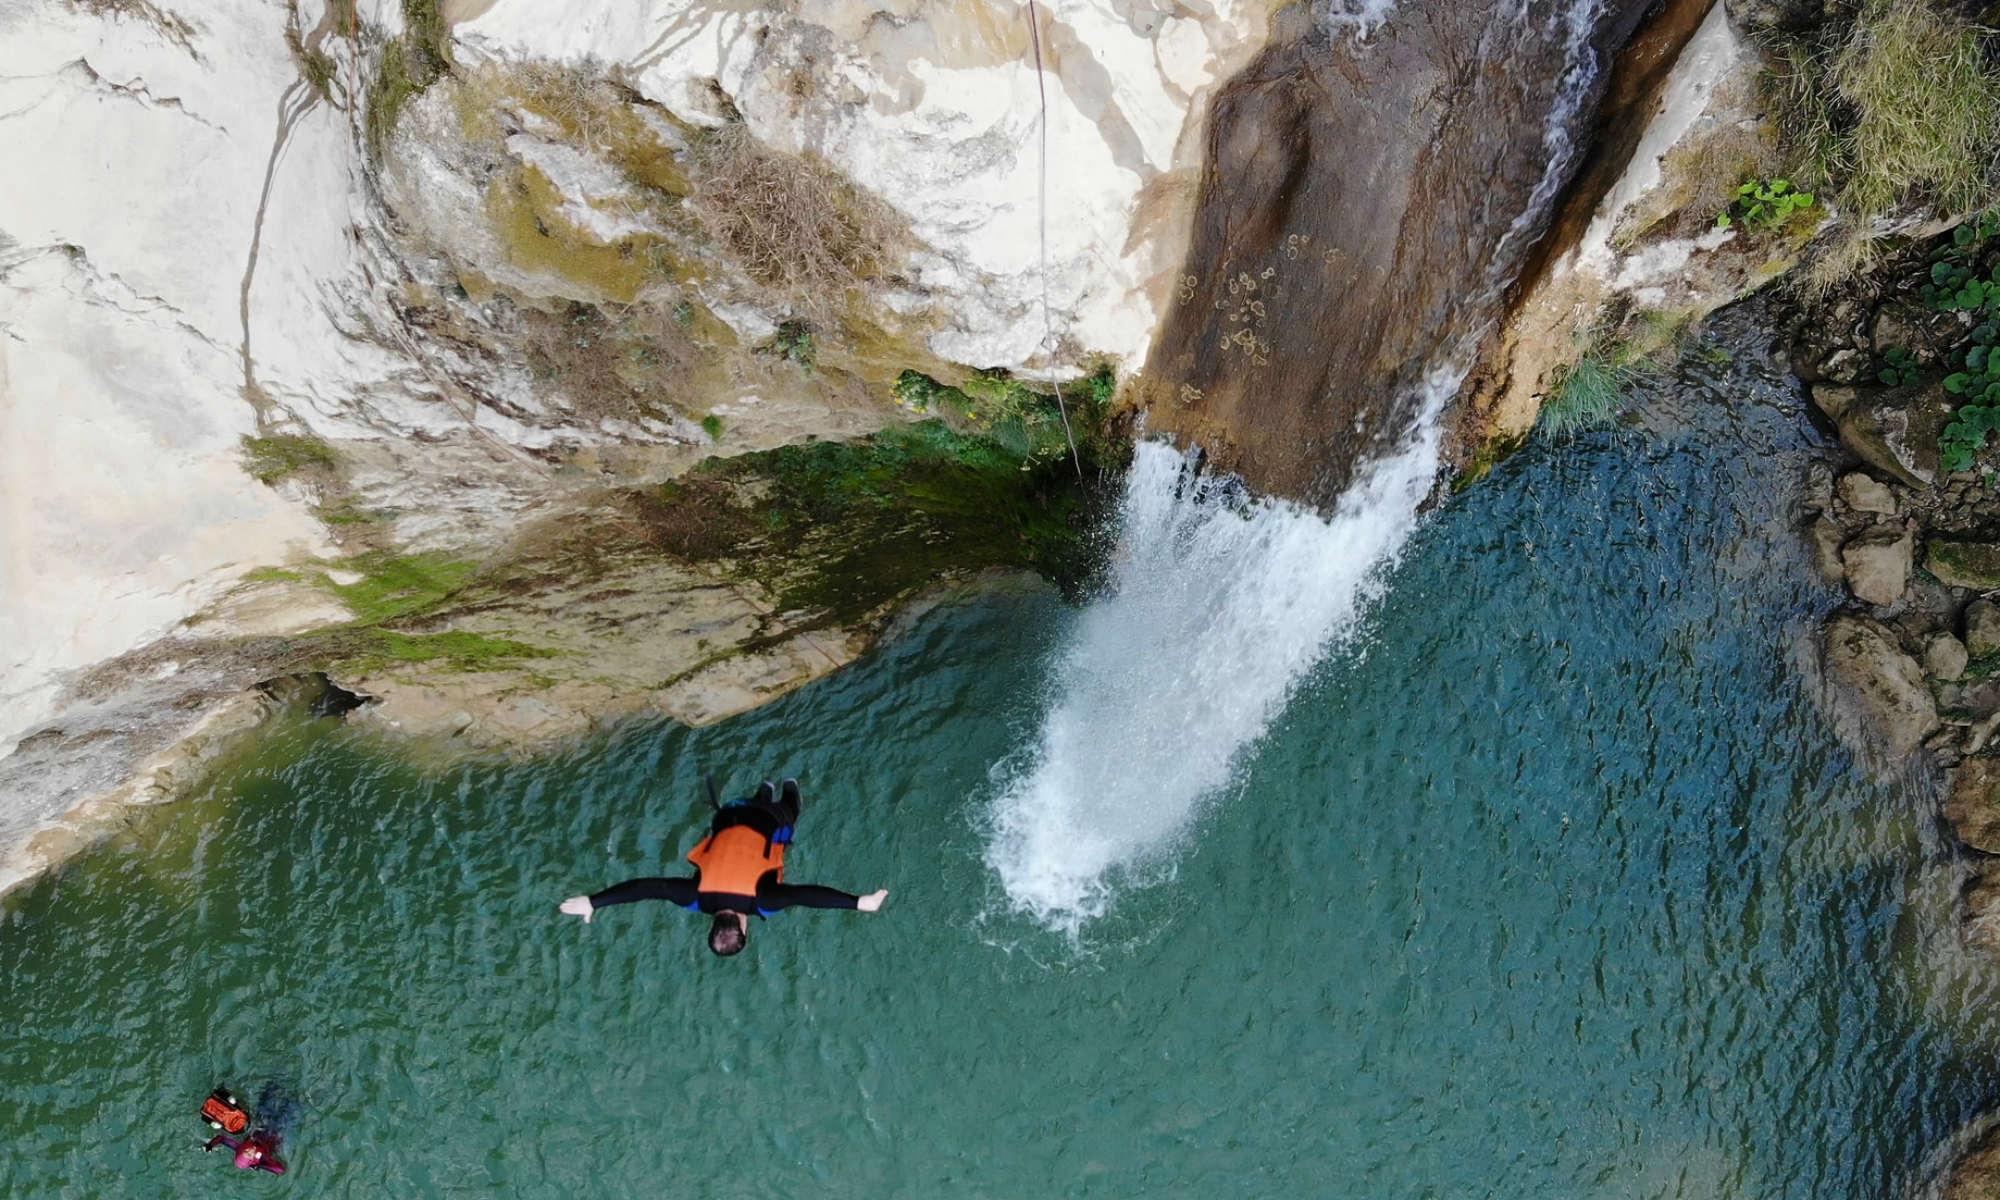 Un canyoniste saute dans l'eau turquoise d'une rivière.